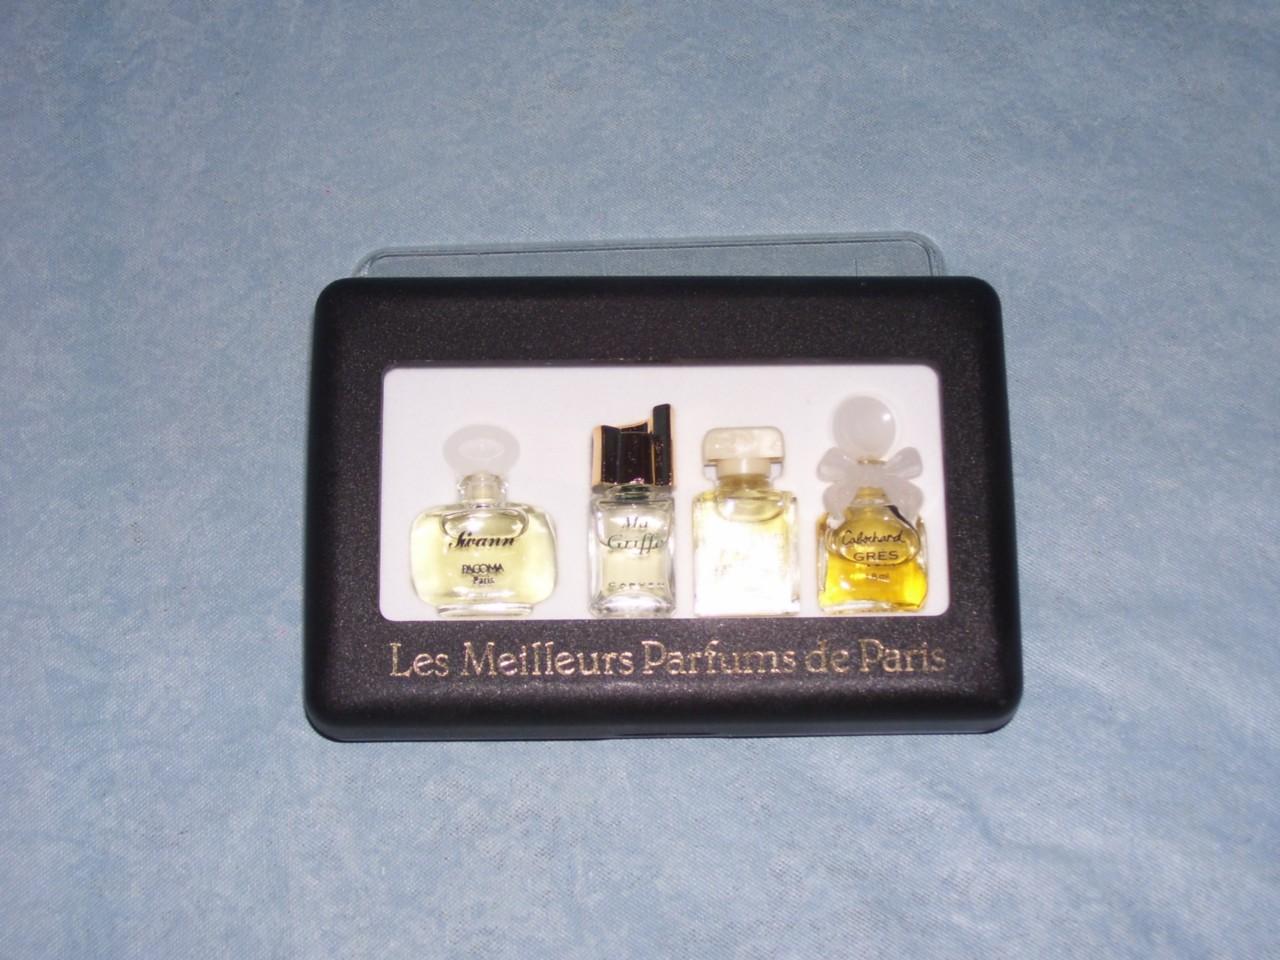 les meilleurs parfums de paris 4 miniature bottles ebay. Black Bedroom Furniture Sets. Home Design Ideas